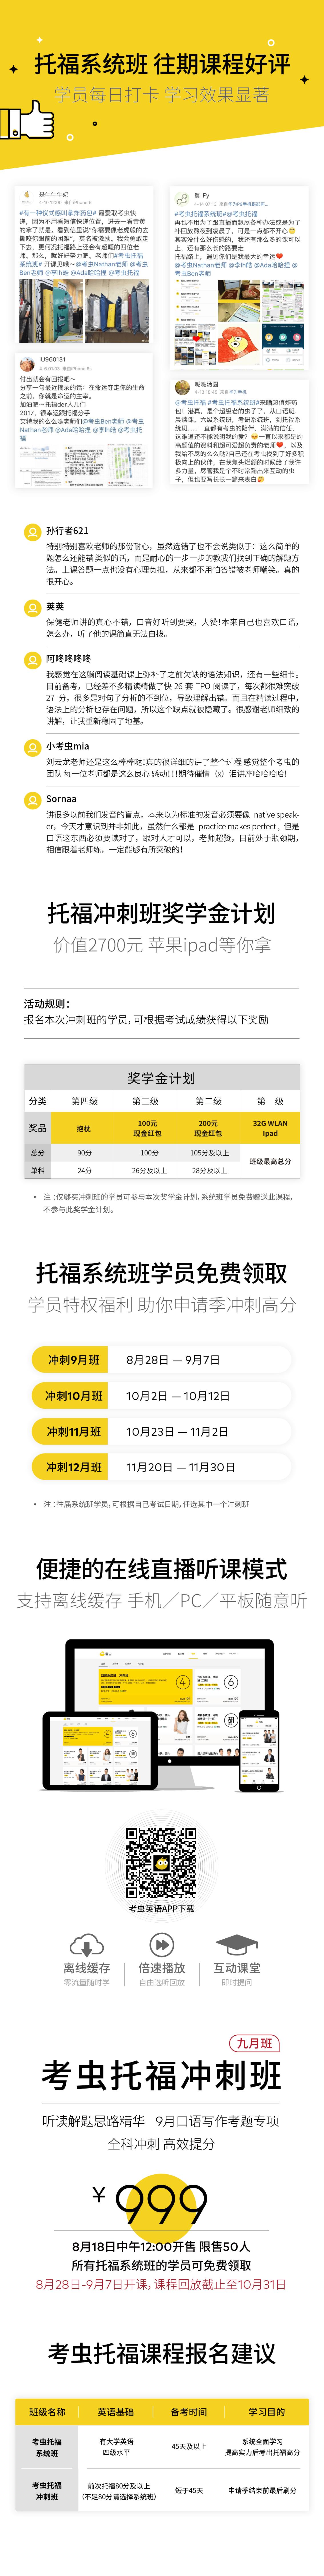 托福9月冲刺班第二张详情图.png